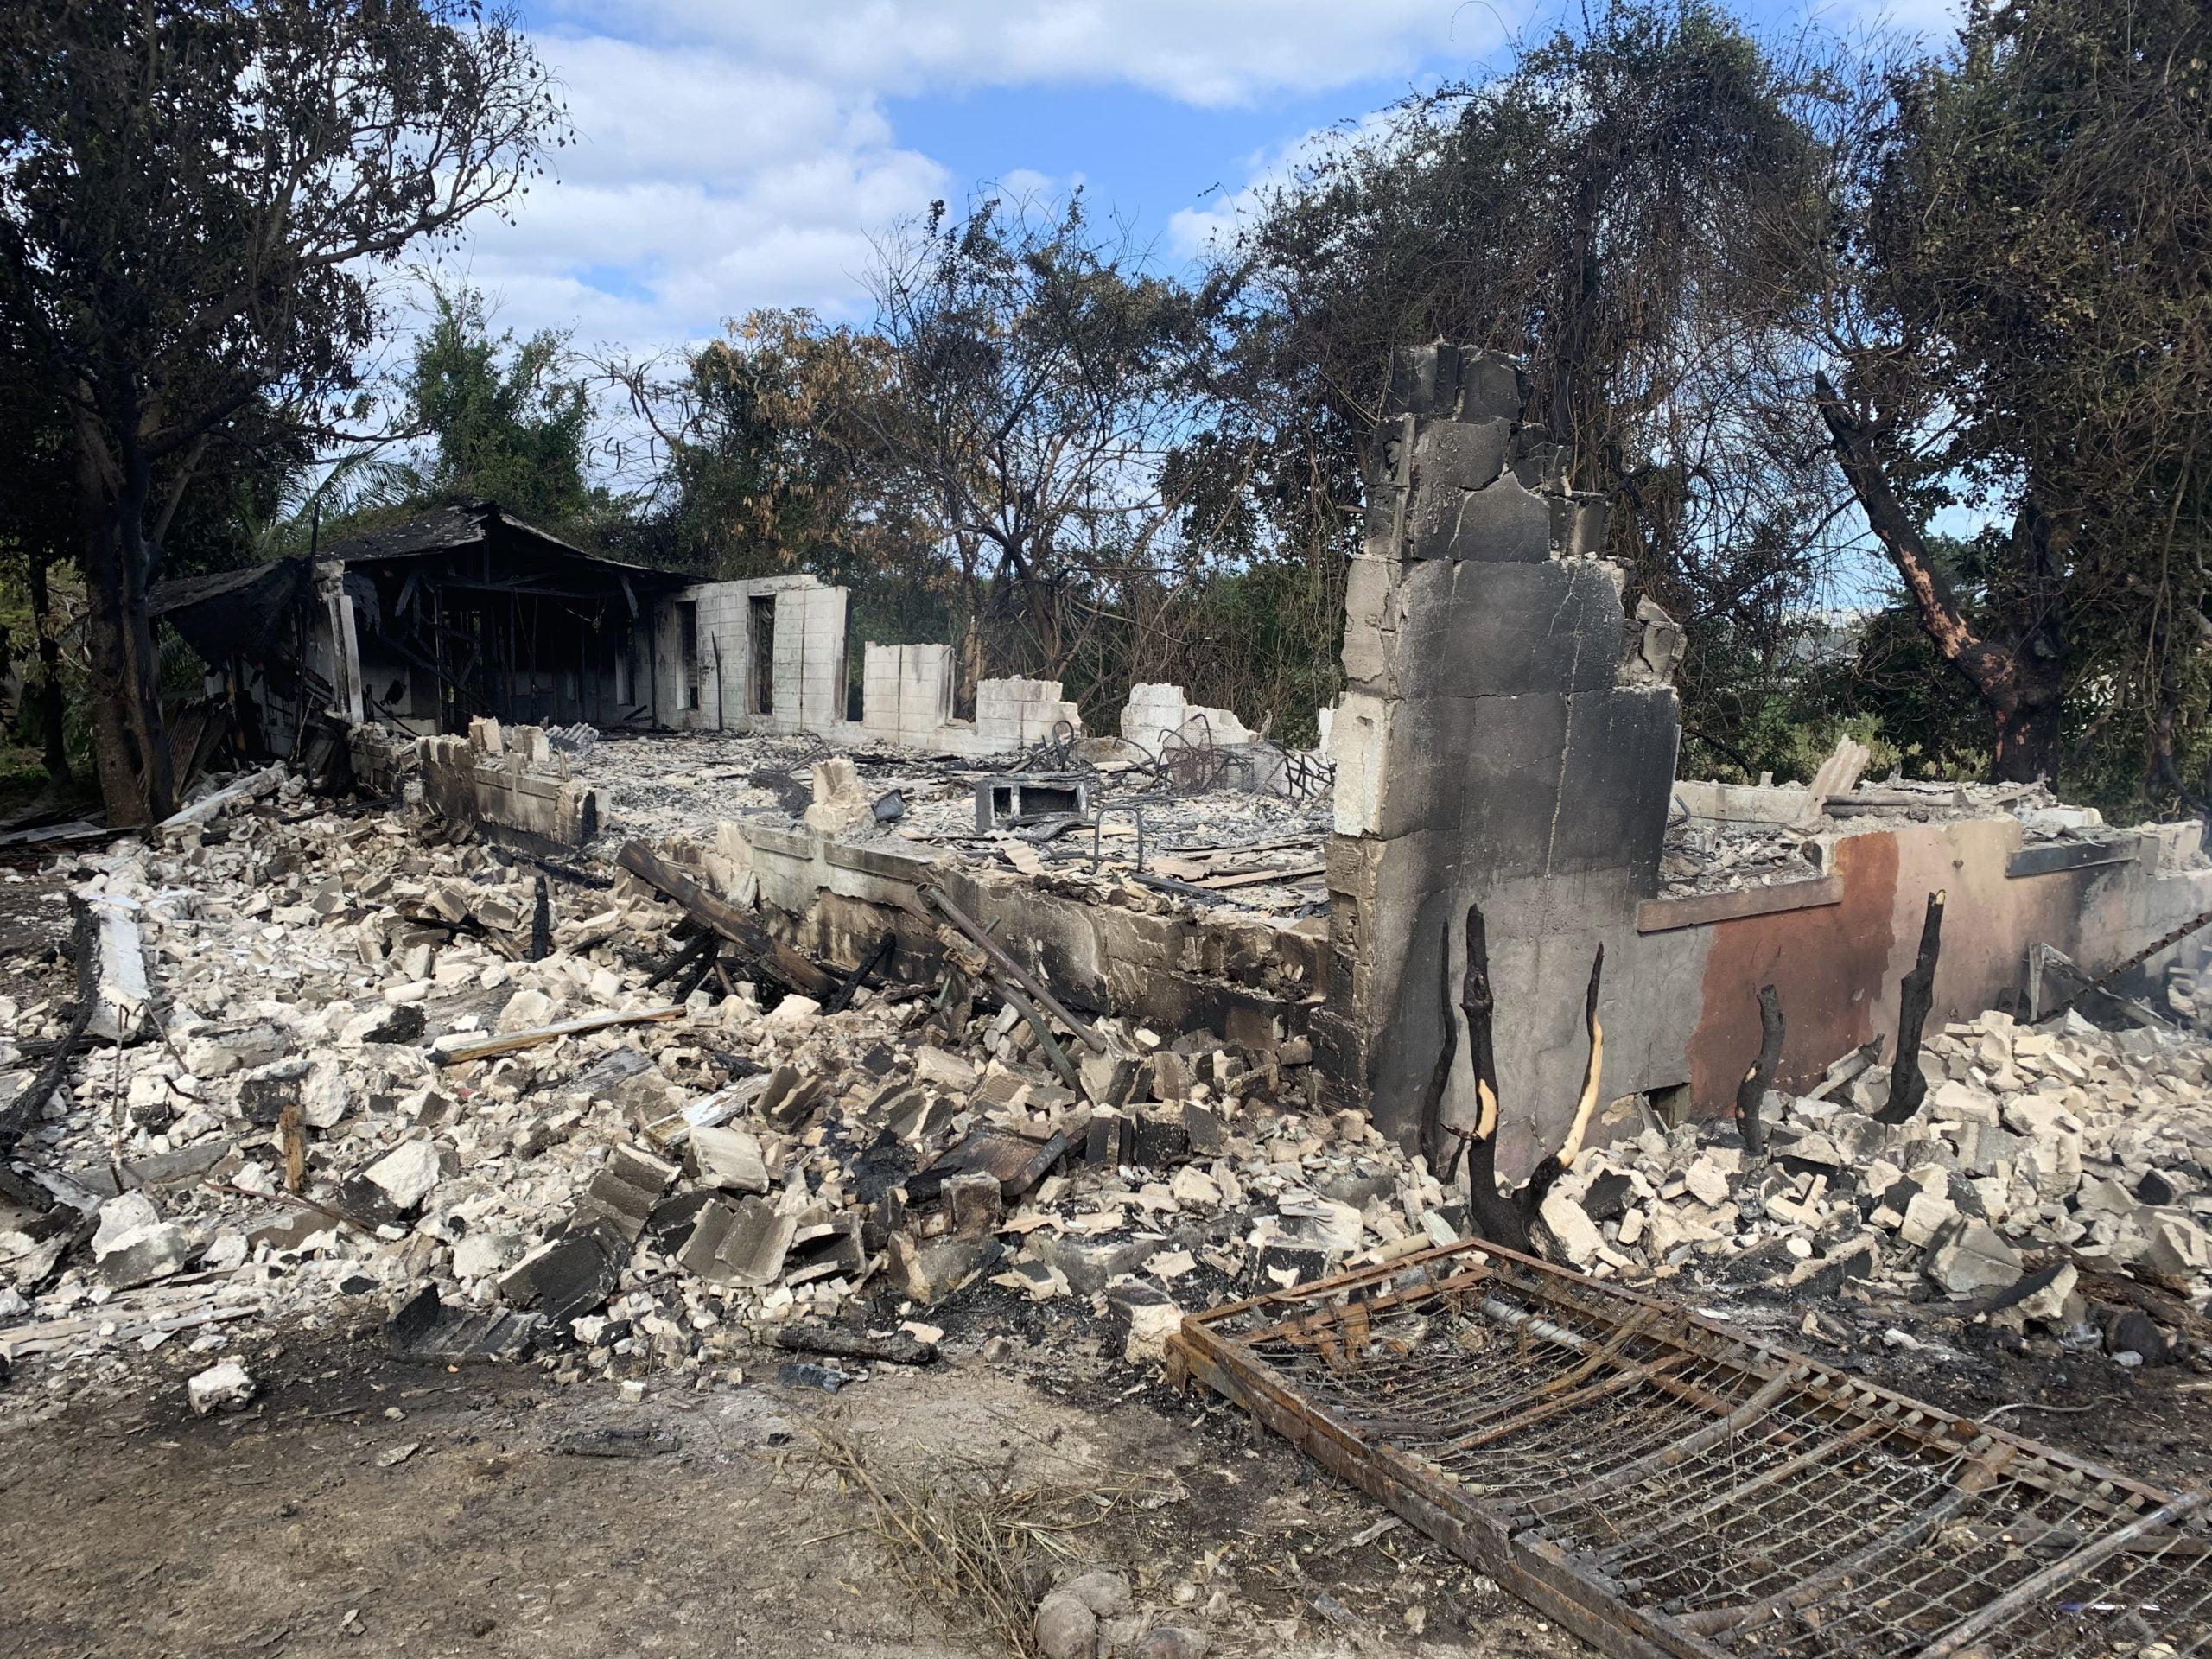 Security concerns spike after elderly home set ablaze